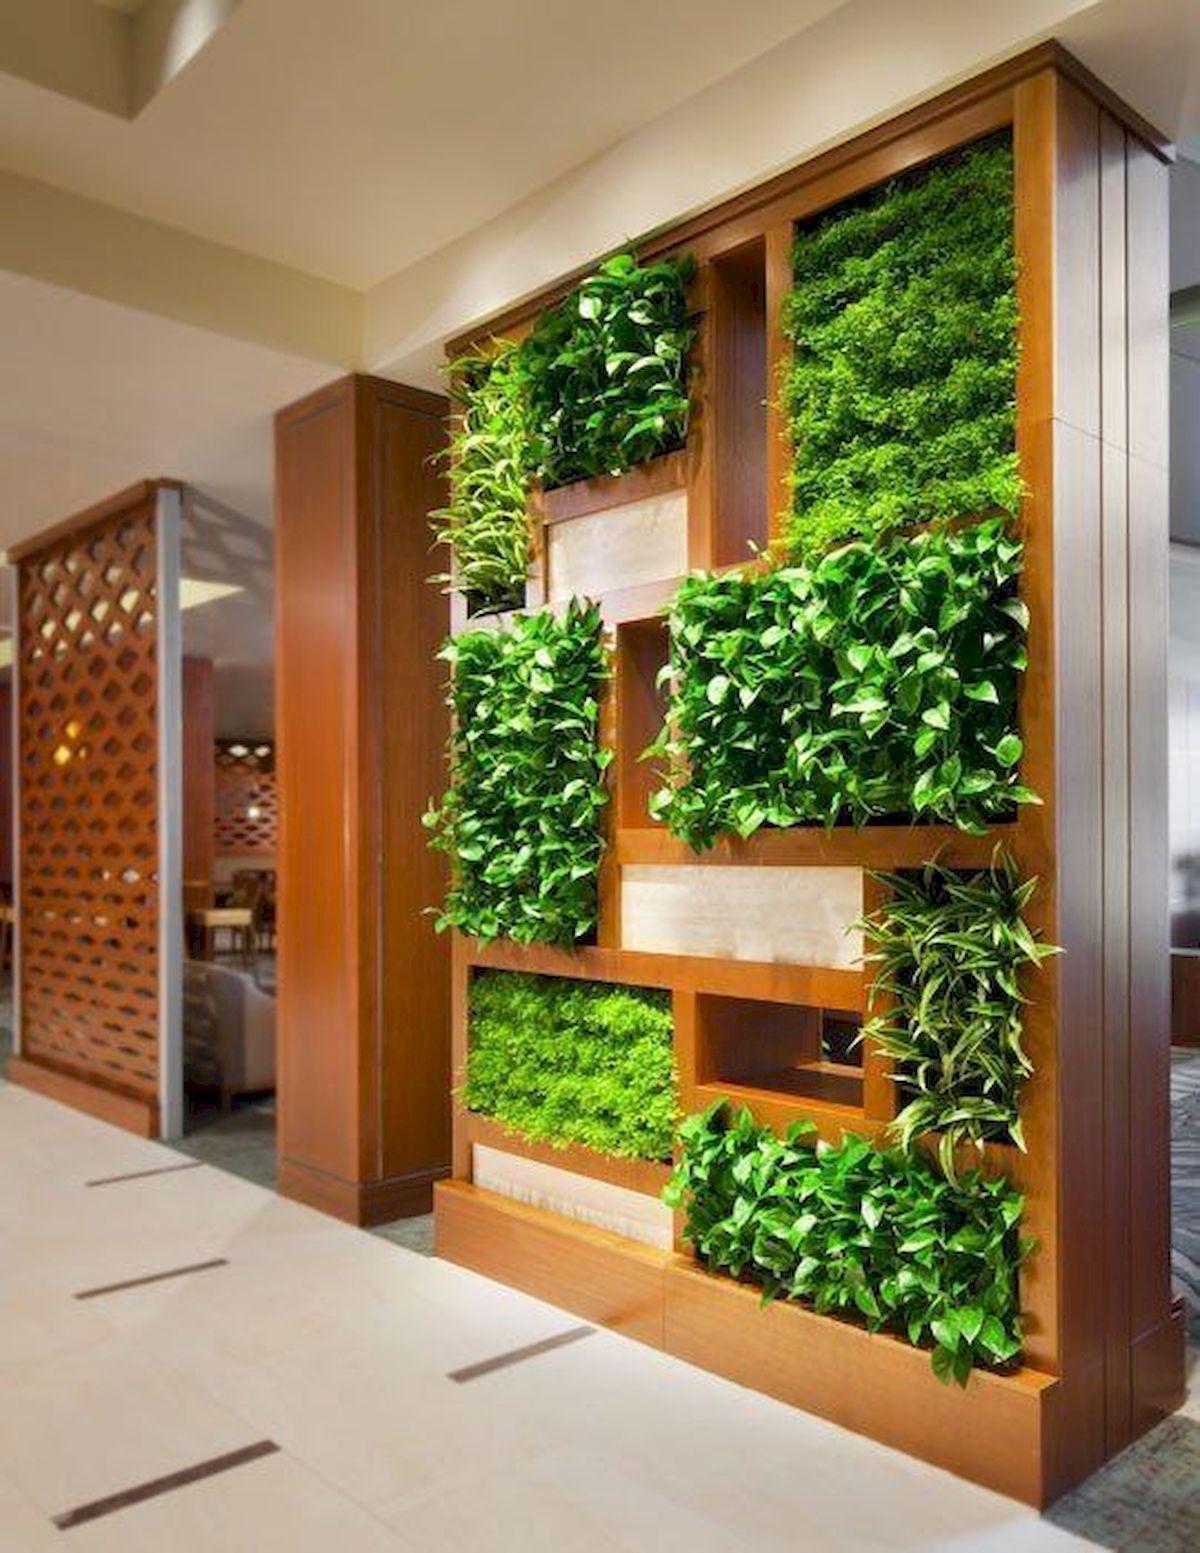 44 Creative DIY Vertical Garden Ideas To Make Your Home Beautiful (13)